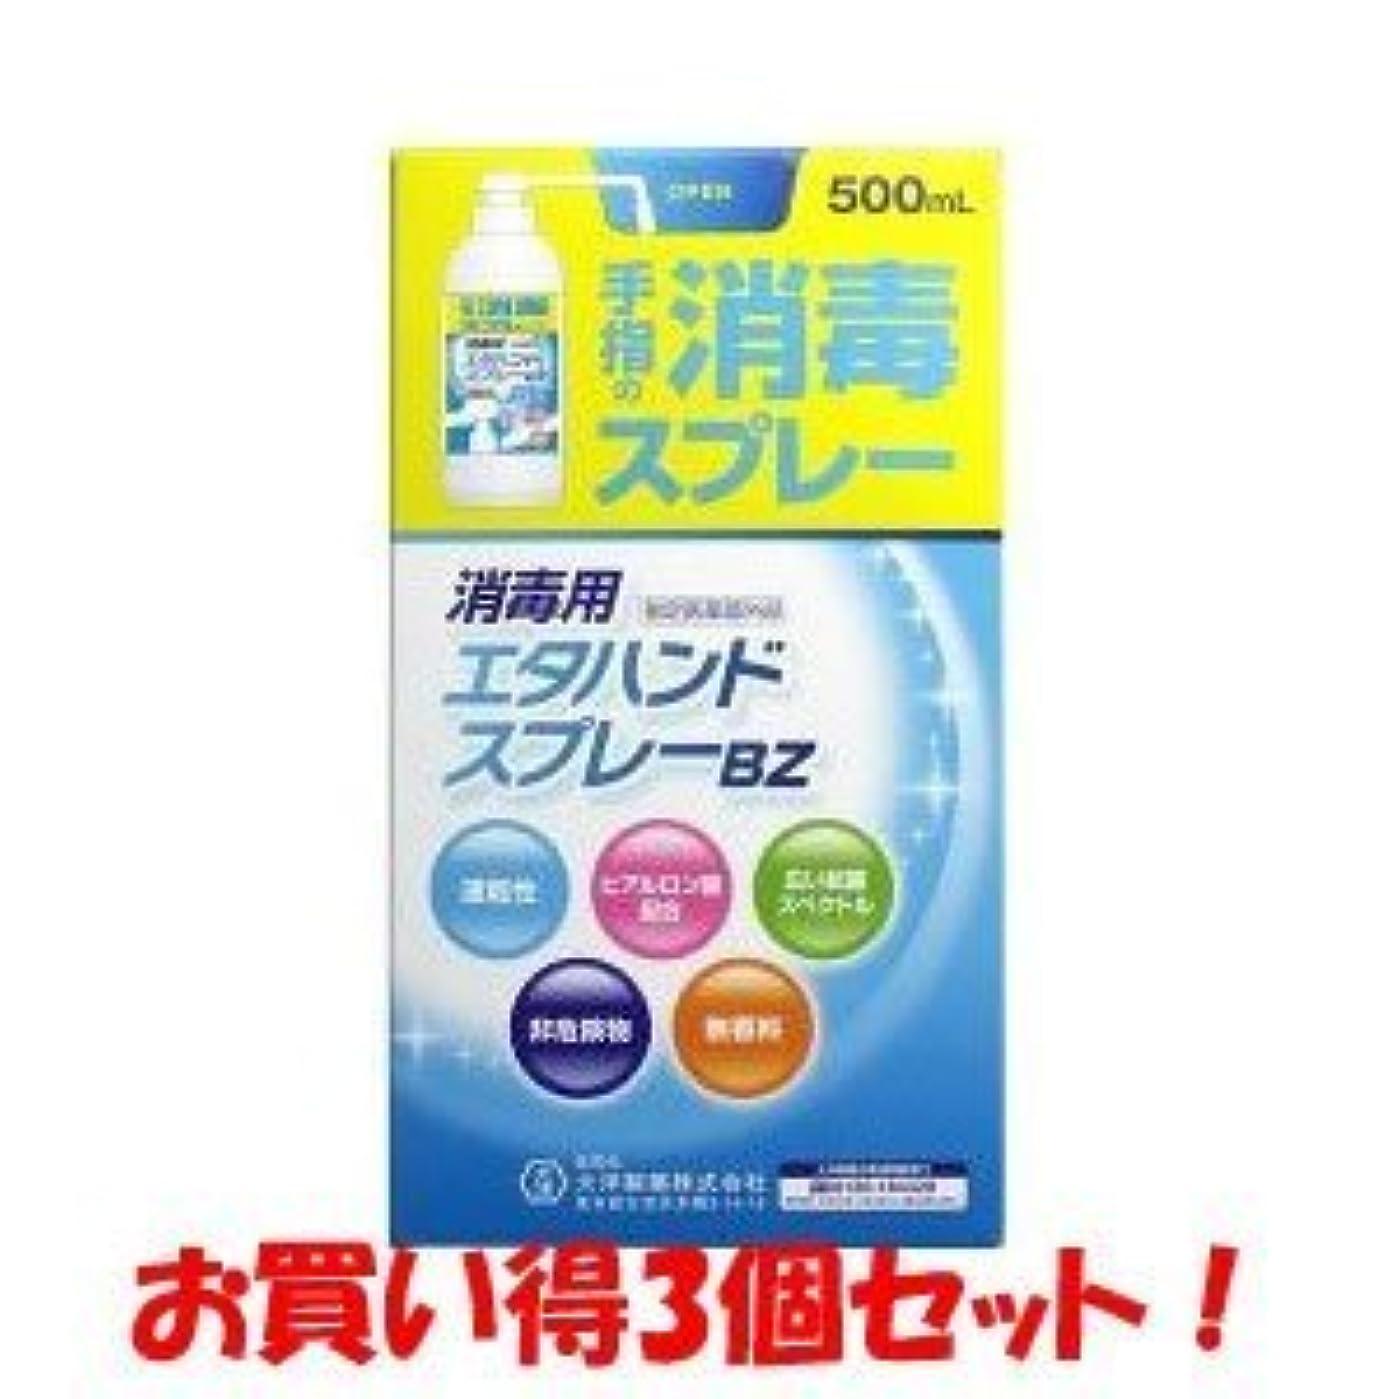 困惑した回転させる祭り(大洋製薬)大洋製薬 消毒用エタハンドスプレーBZ 500ml(医薬部外品)(お買い得3個セット)